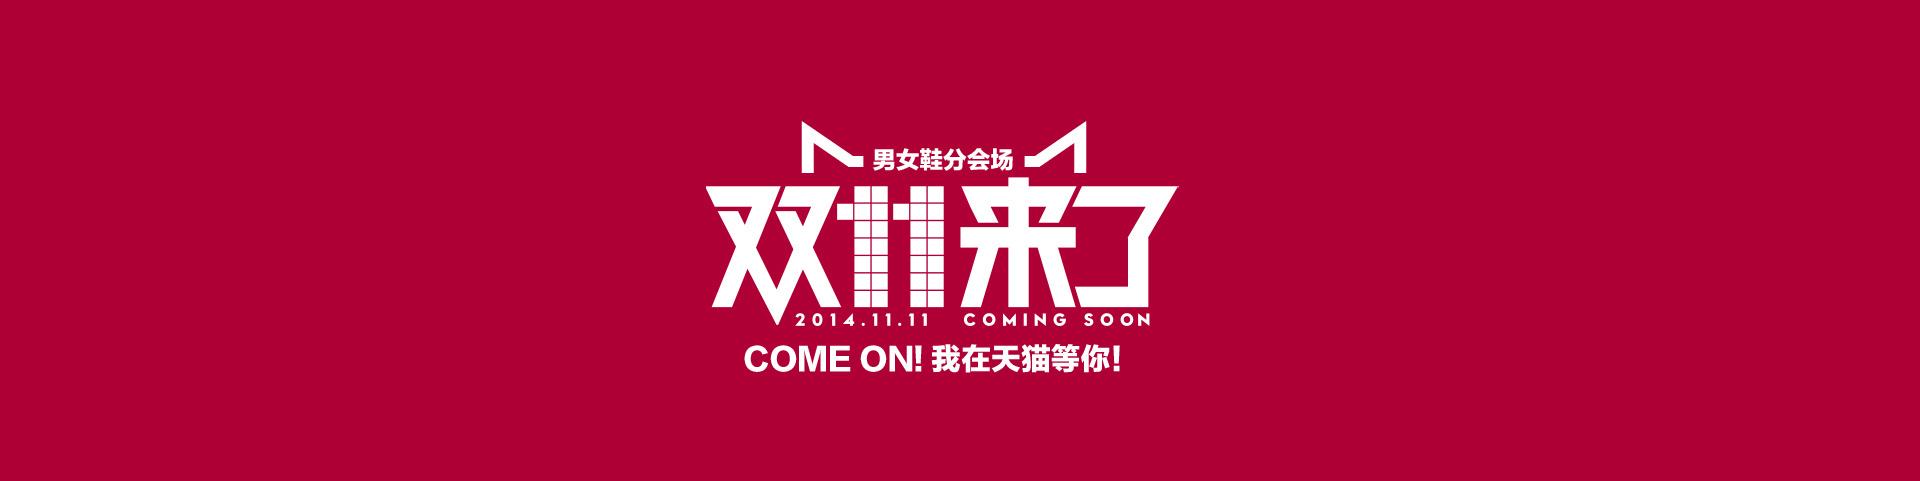 2014天猫双十一logo图片